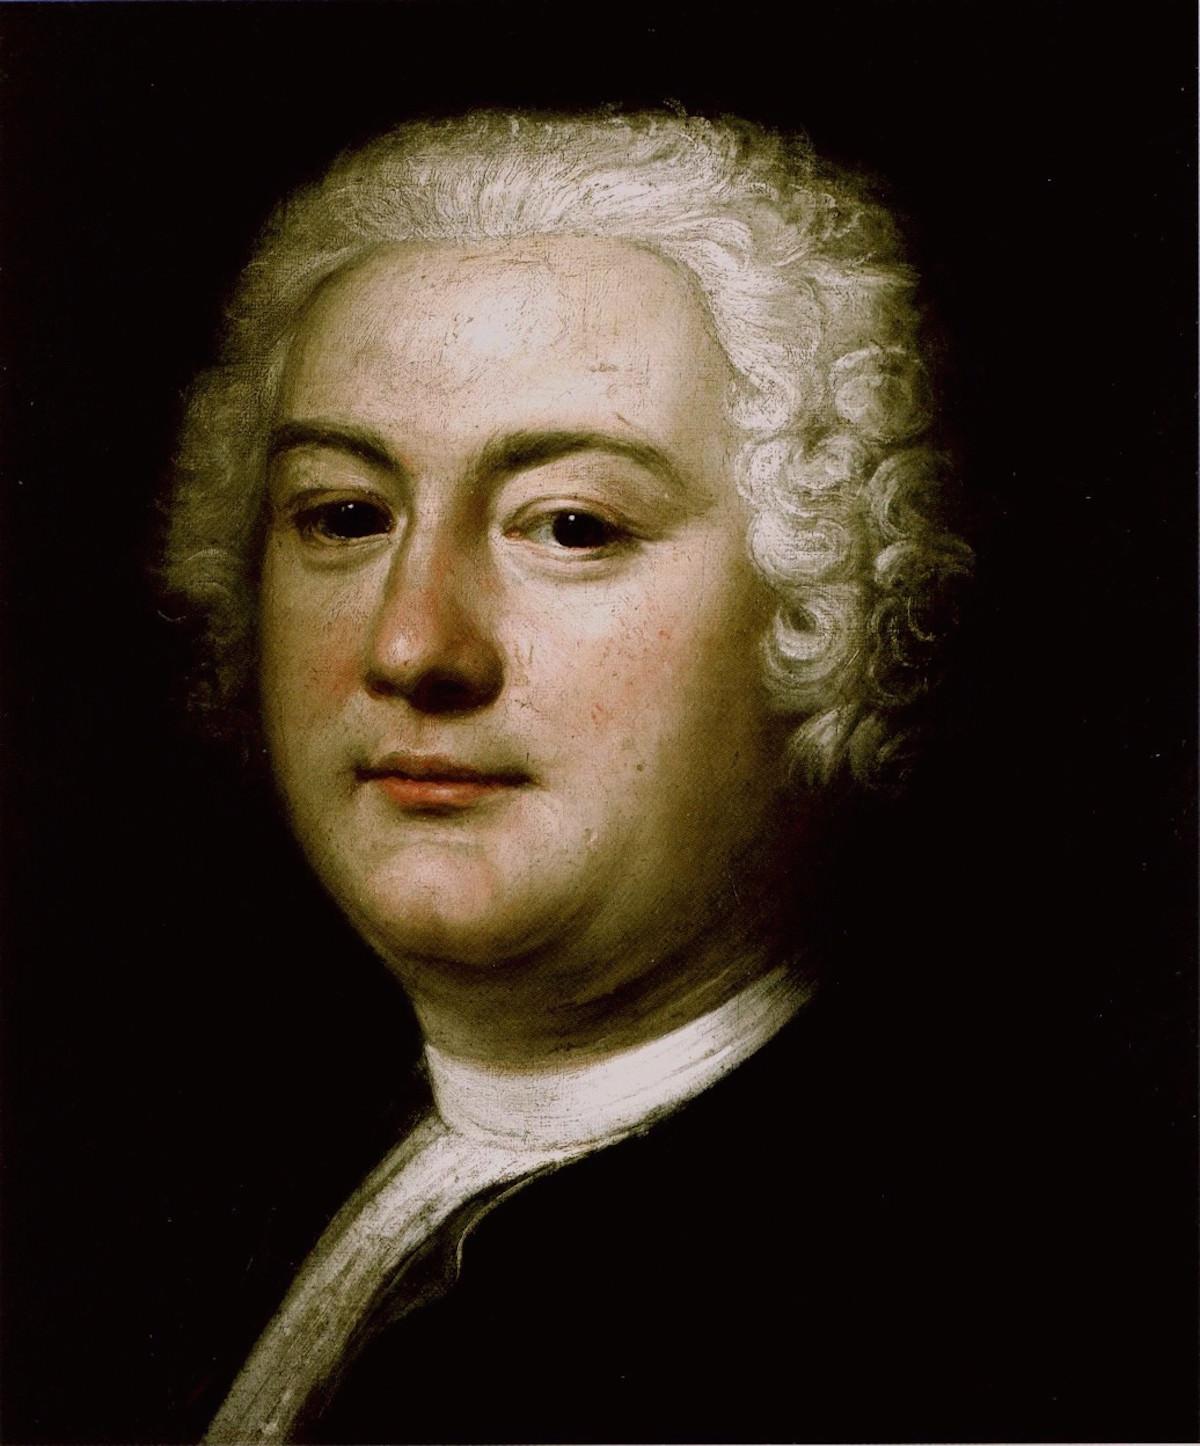 Georg von Knobelsdorff